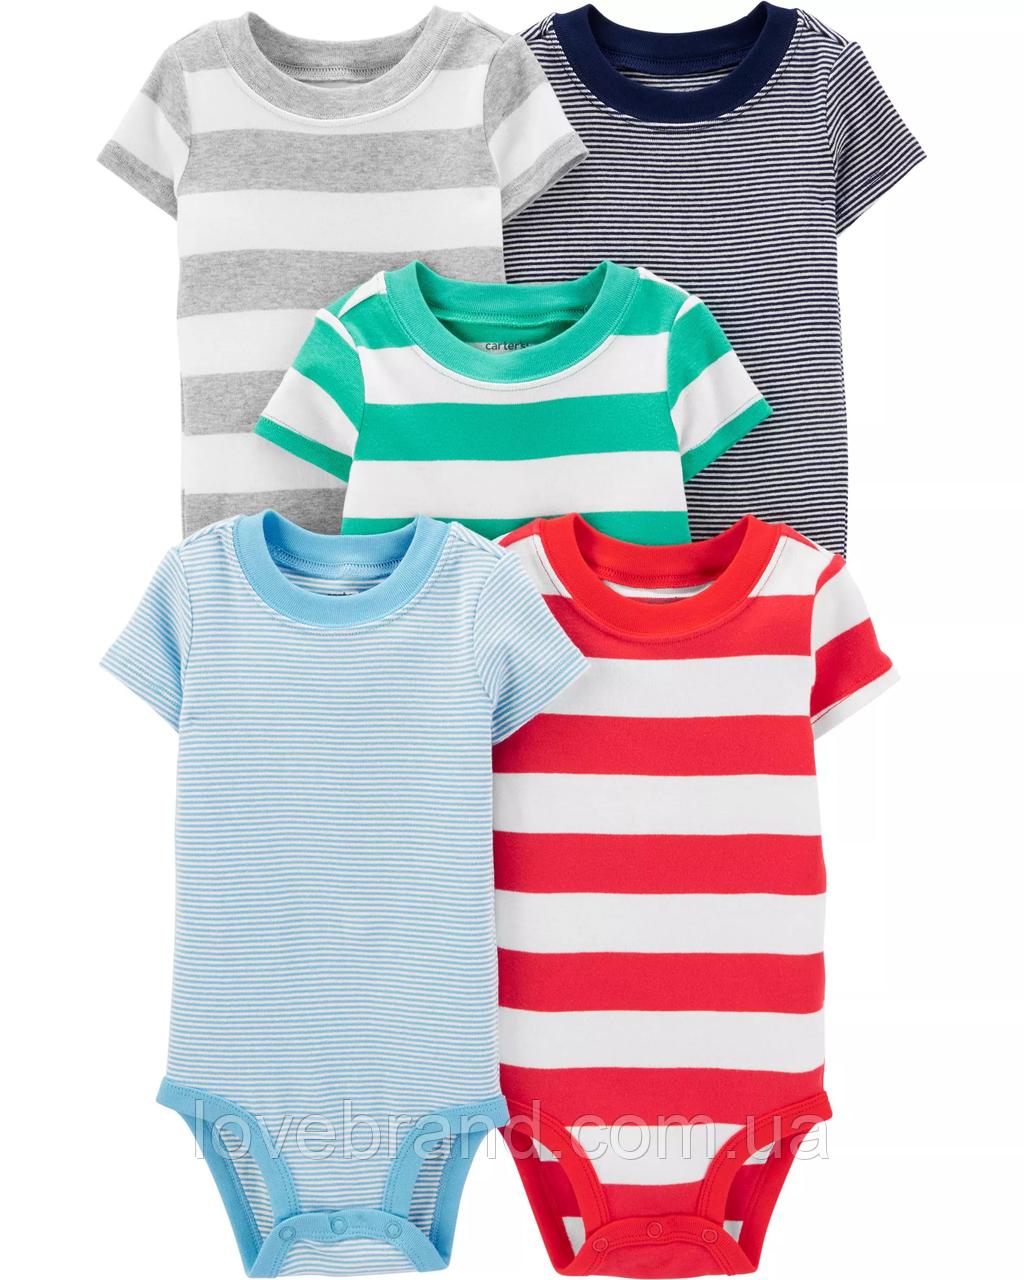 Набор боди футболка на короткий рукав Carter's для мальчика бодики для малыша картерс 6мес/61-67 см